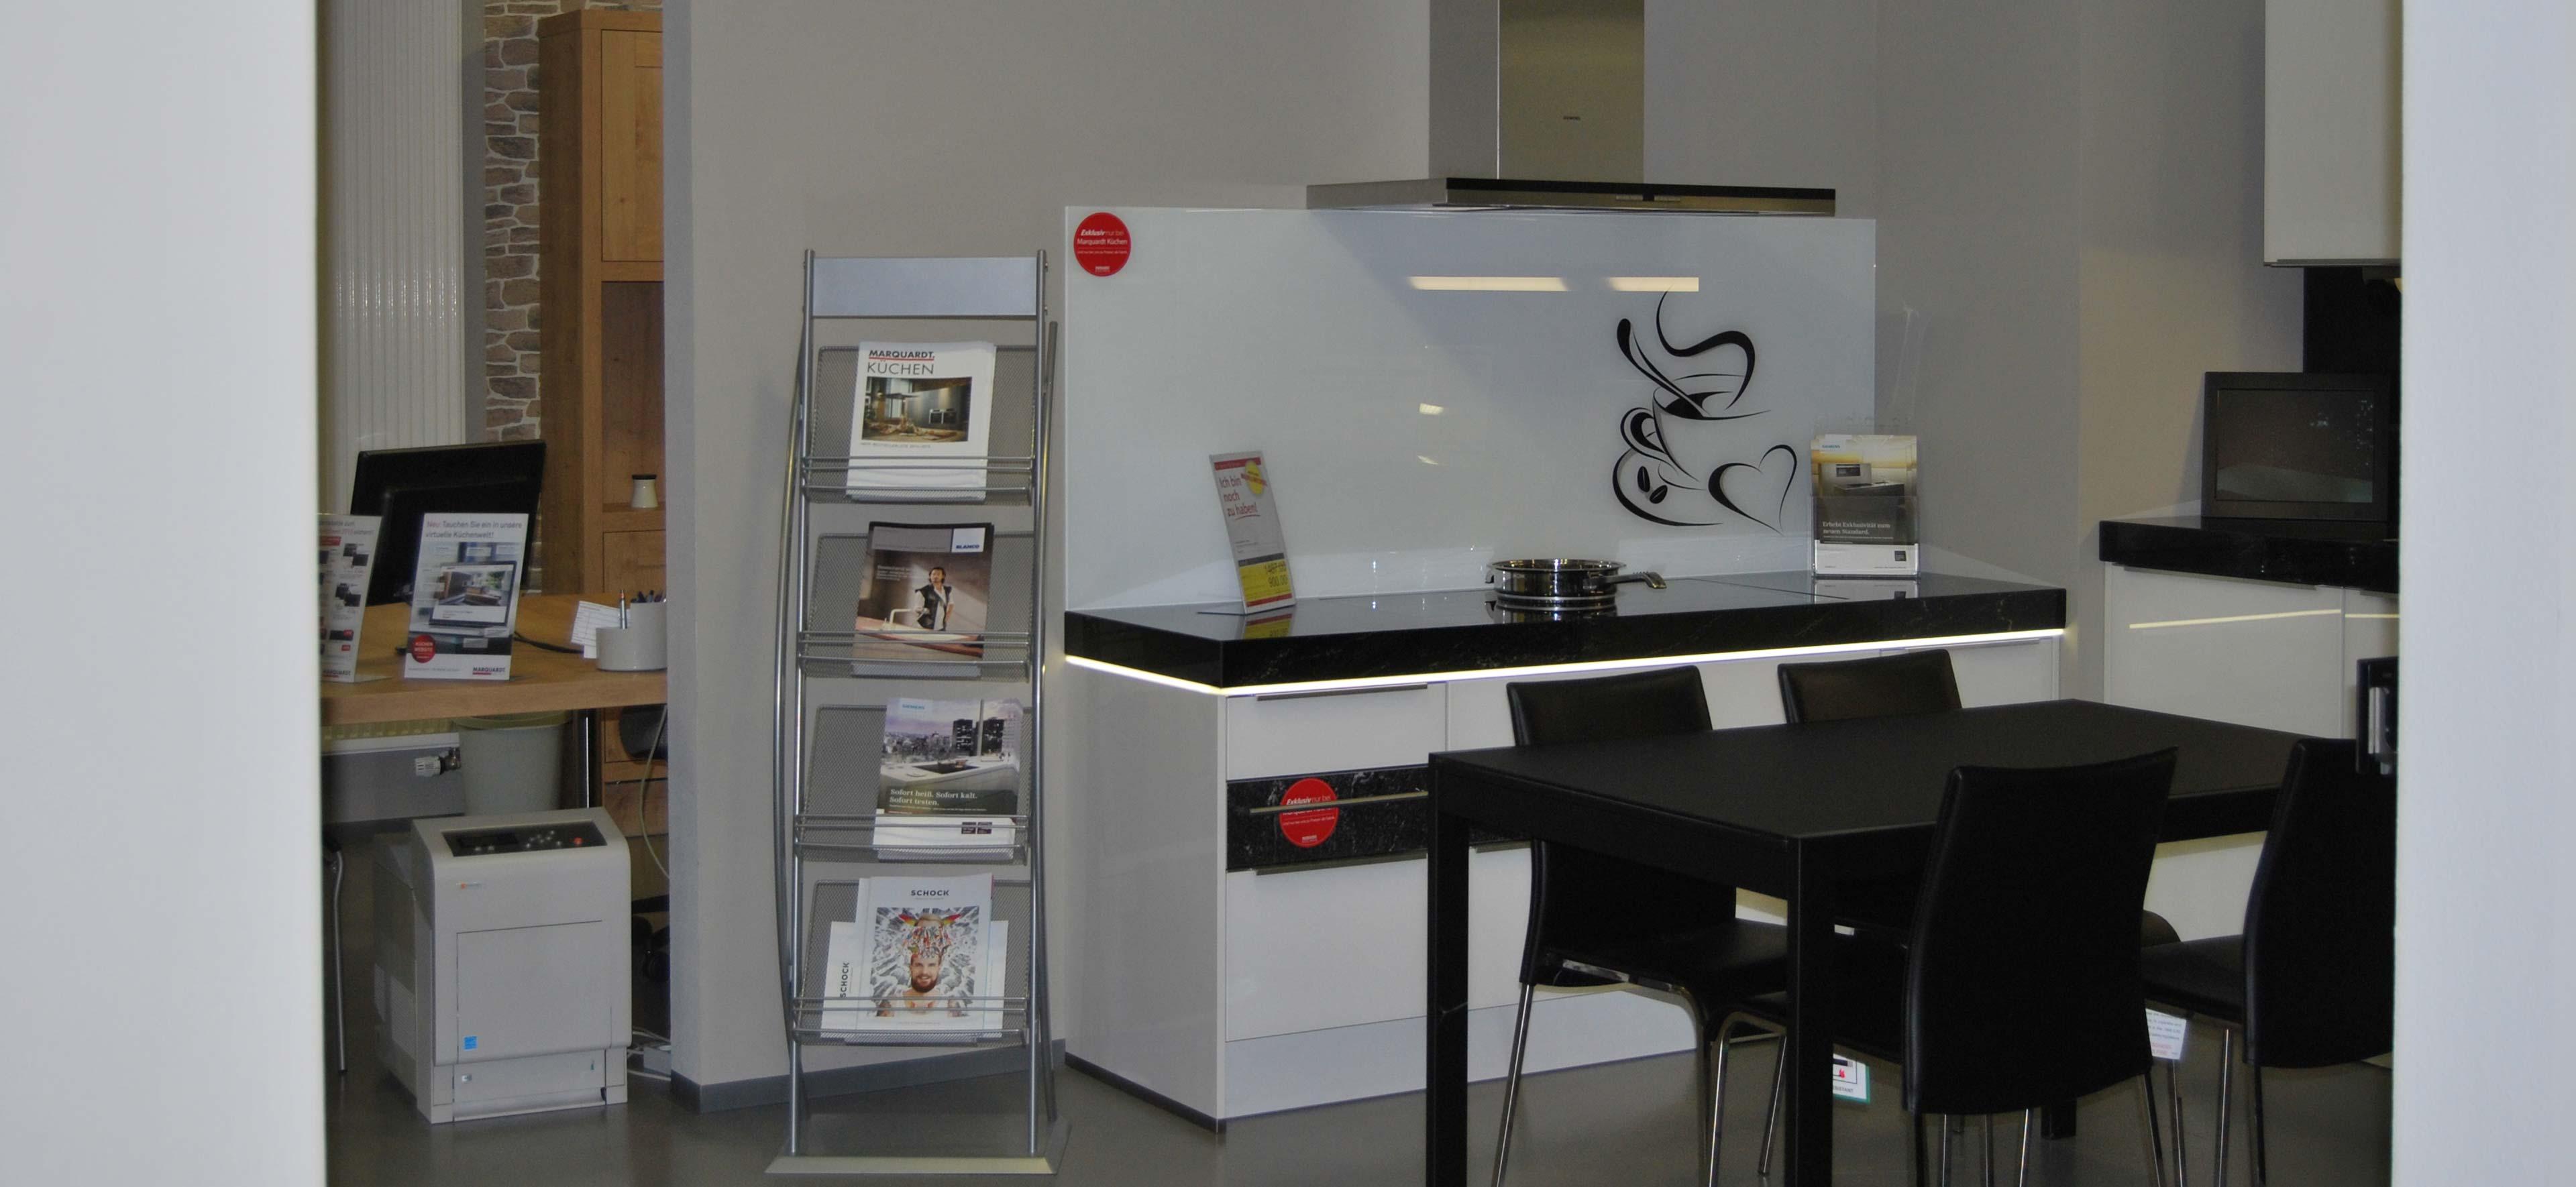 haus garten k chen 421 440 ergebnisse von infobel deutschland. Black Bedroom Furniture Sets. Home Design Ideas